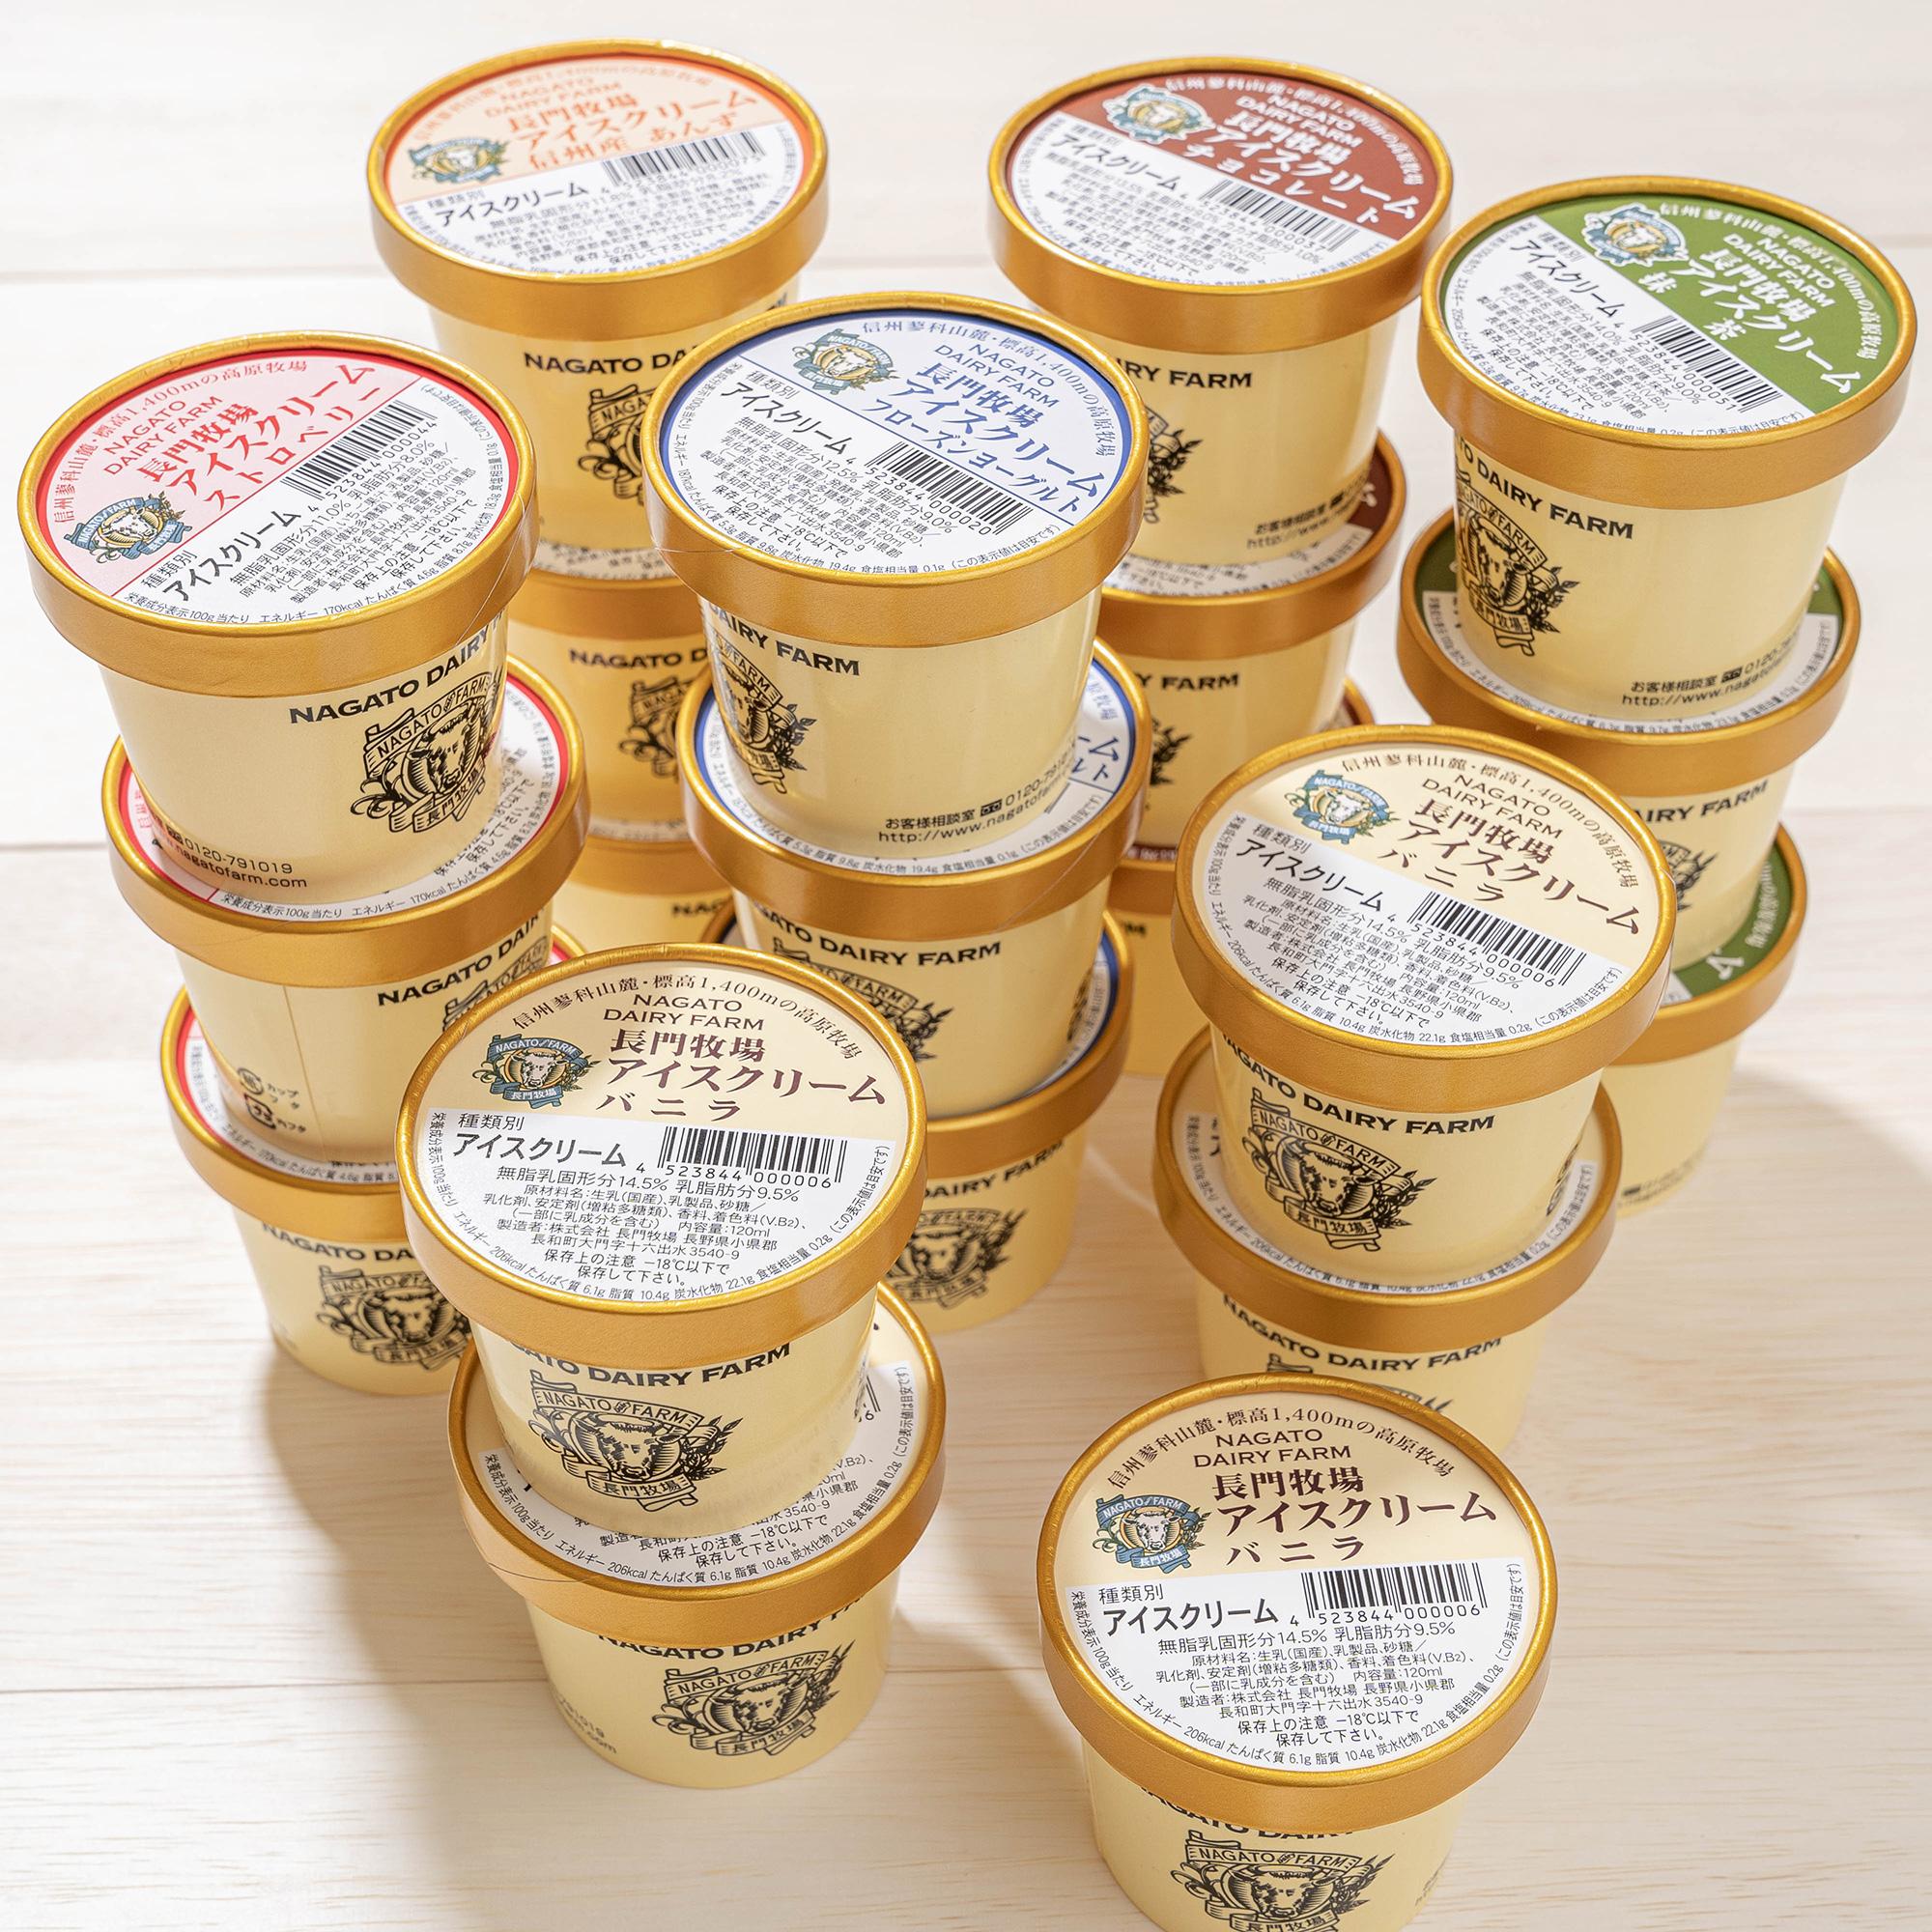 長門牧場アイスクリームセット(120ml×20個)【A-4】